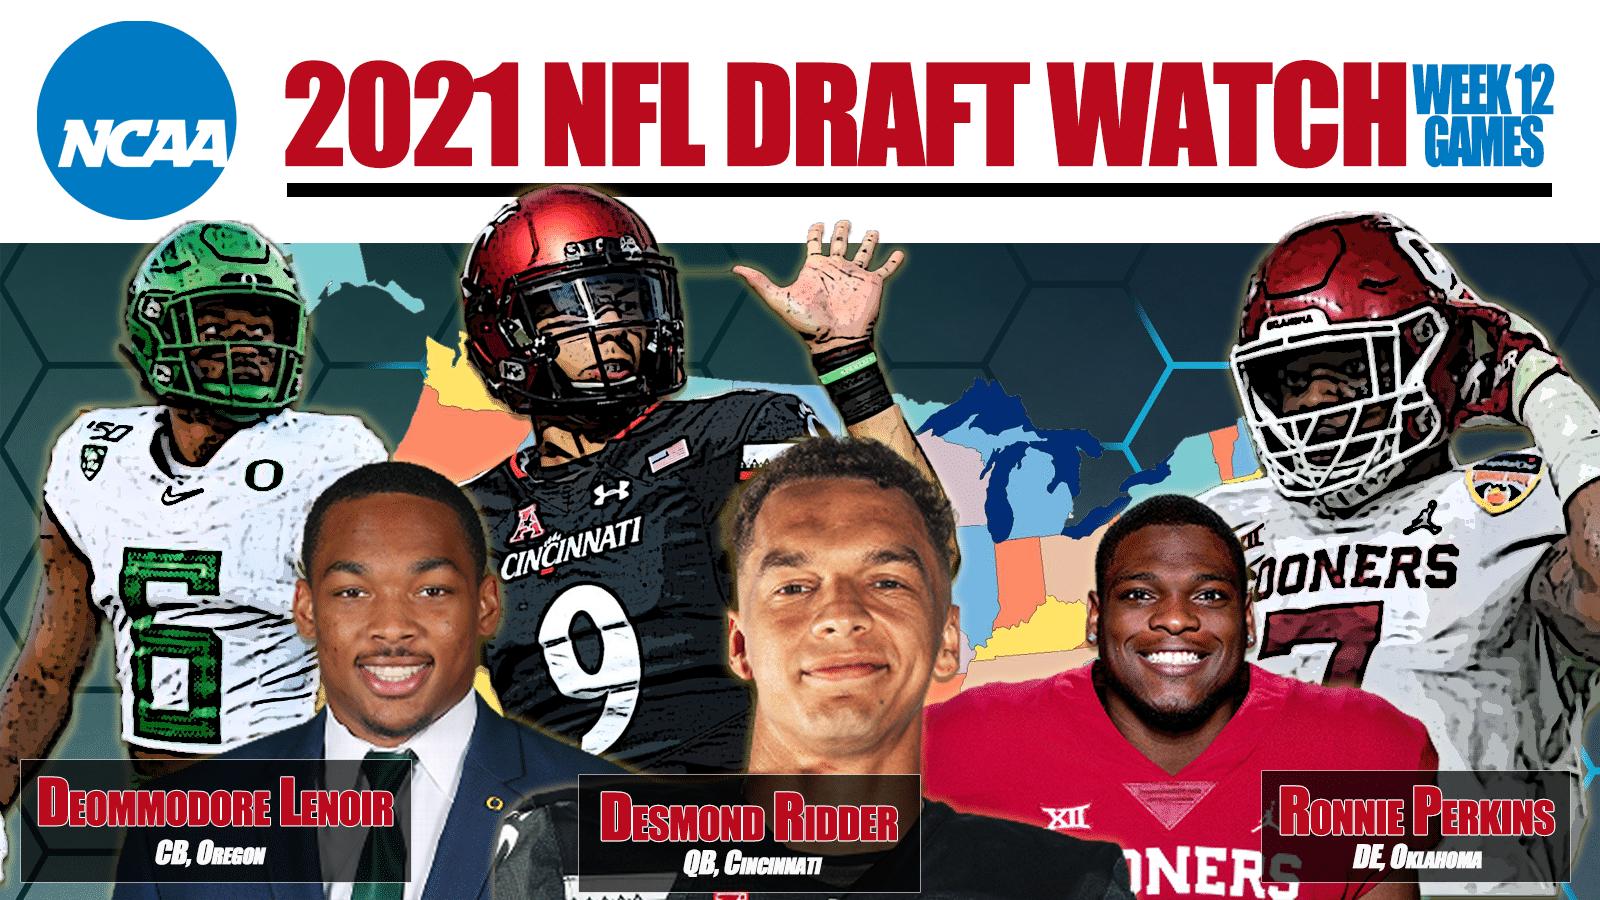 2021 NFL Draft Week 12 Watch